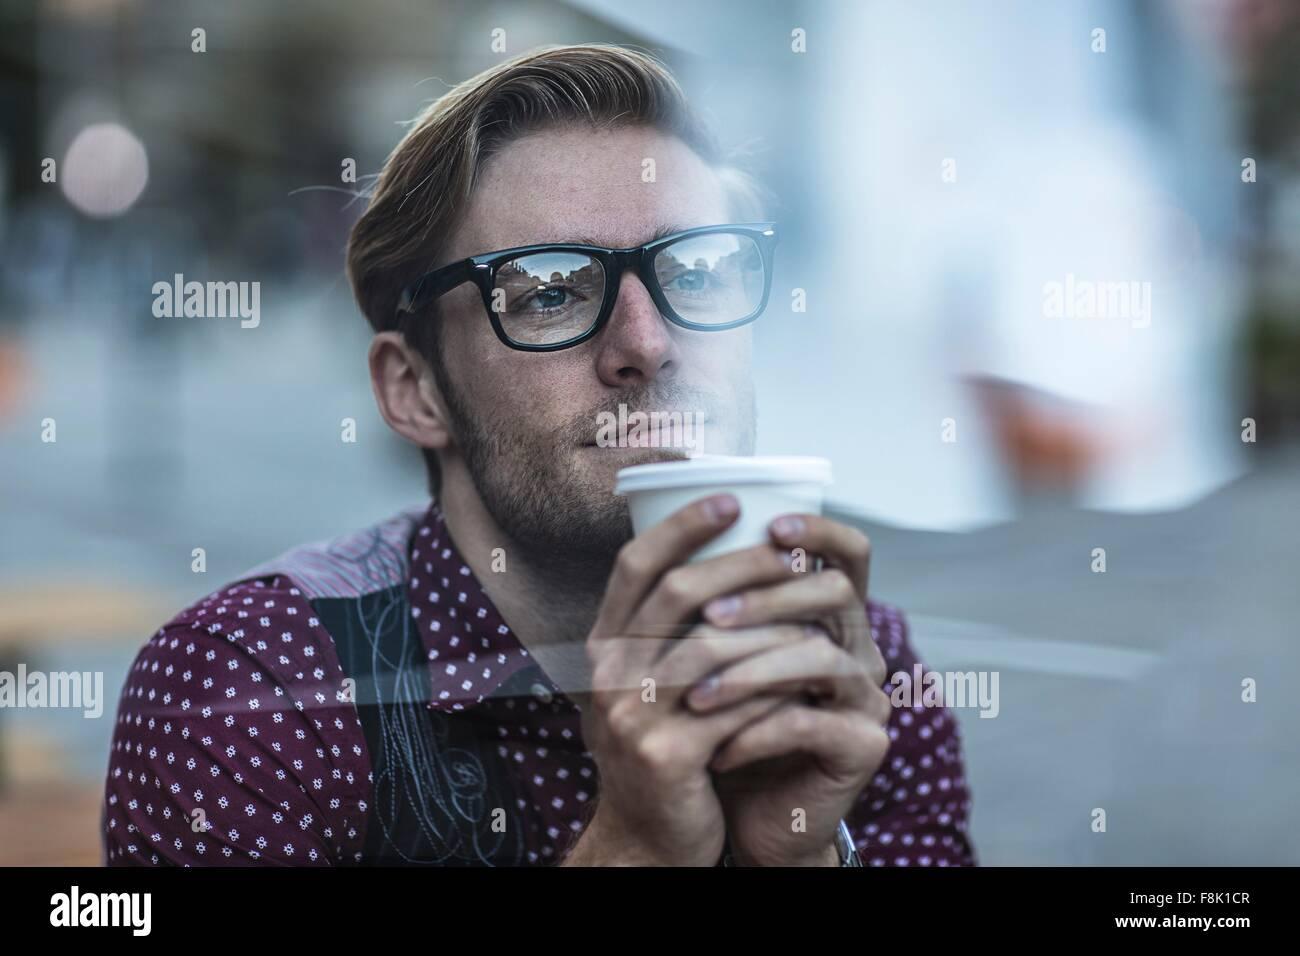 Triste giovane impreditore dietro la finestra della città a bere il caffè da asporto Immagini Stock